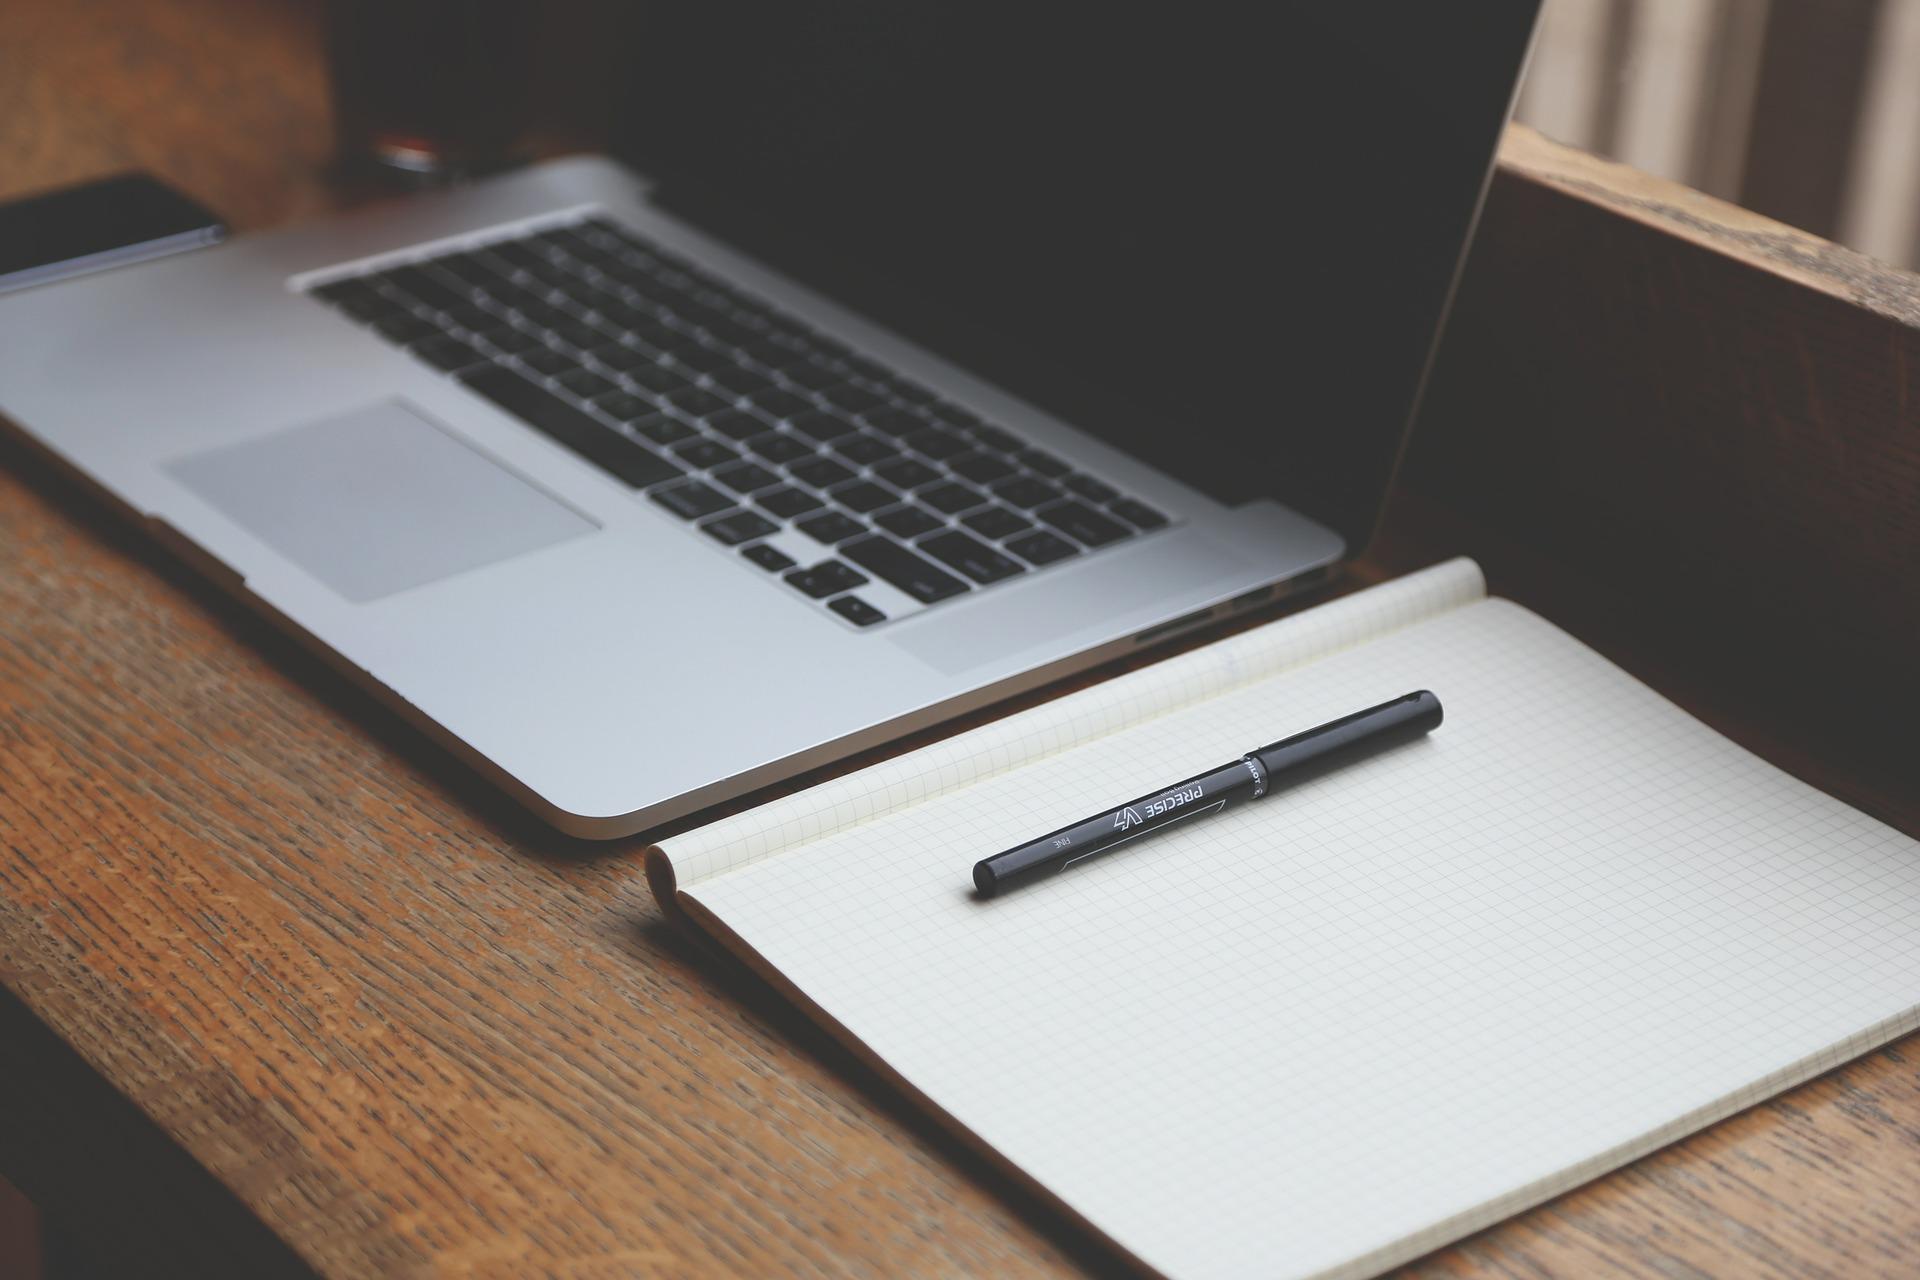 Comment choisir un bon ordinateur portatif?